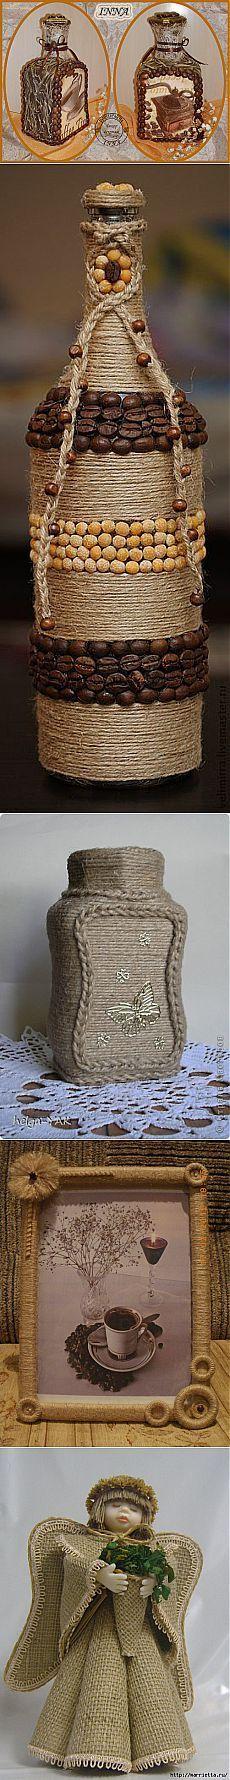 botellas decoradas con granos e hilo de mecate